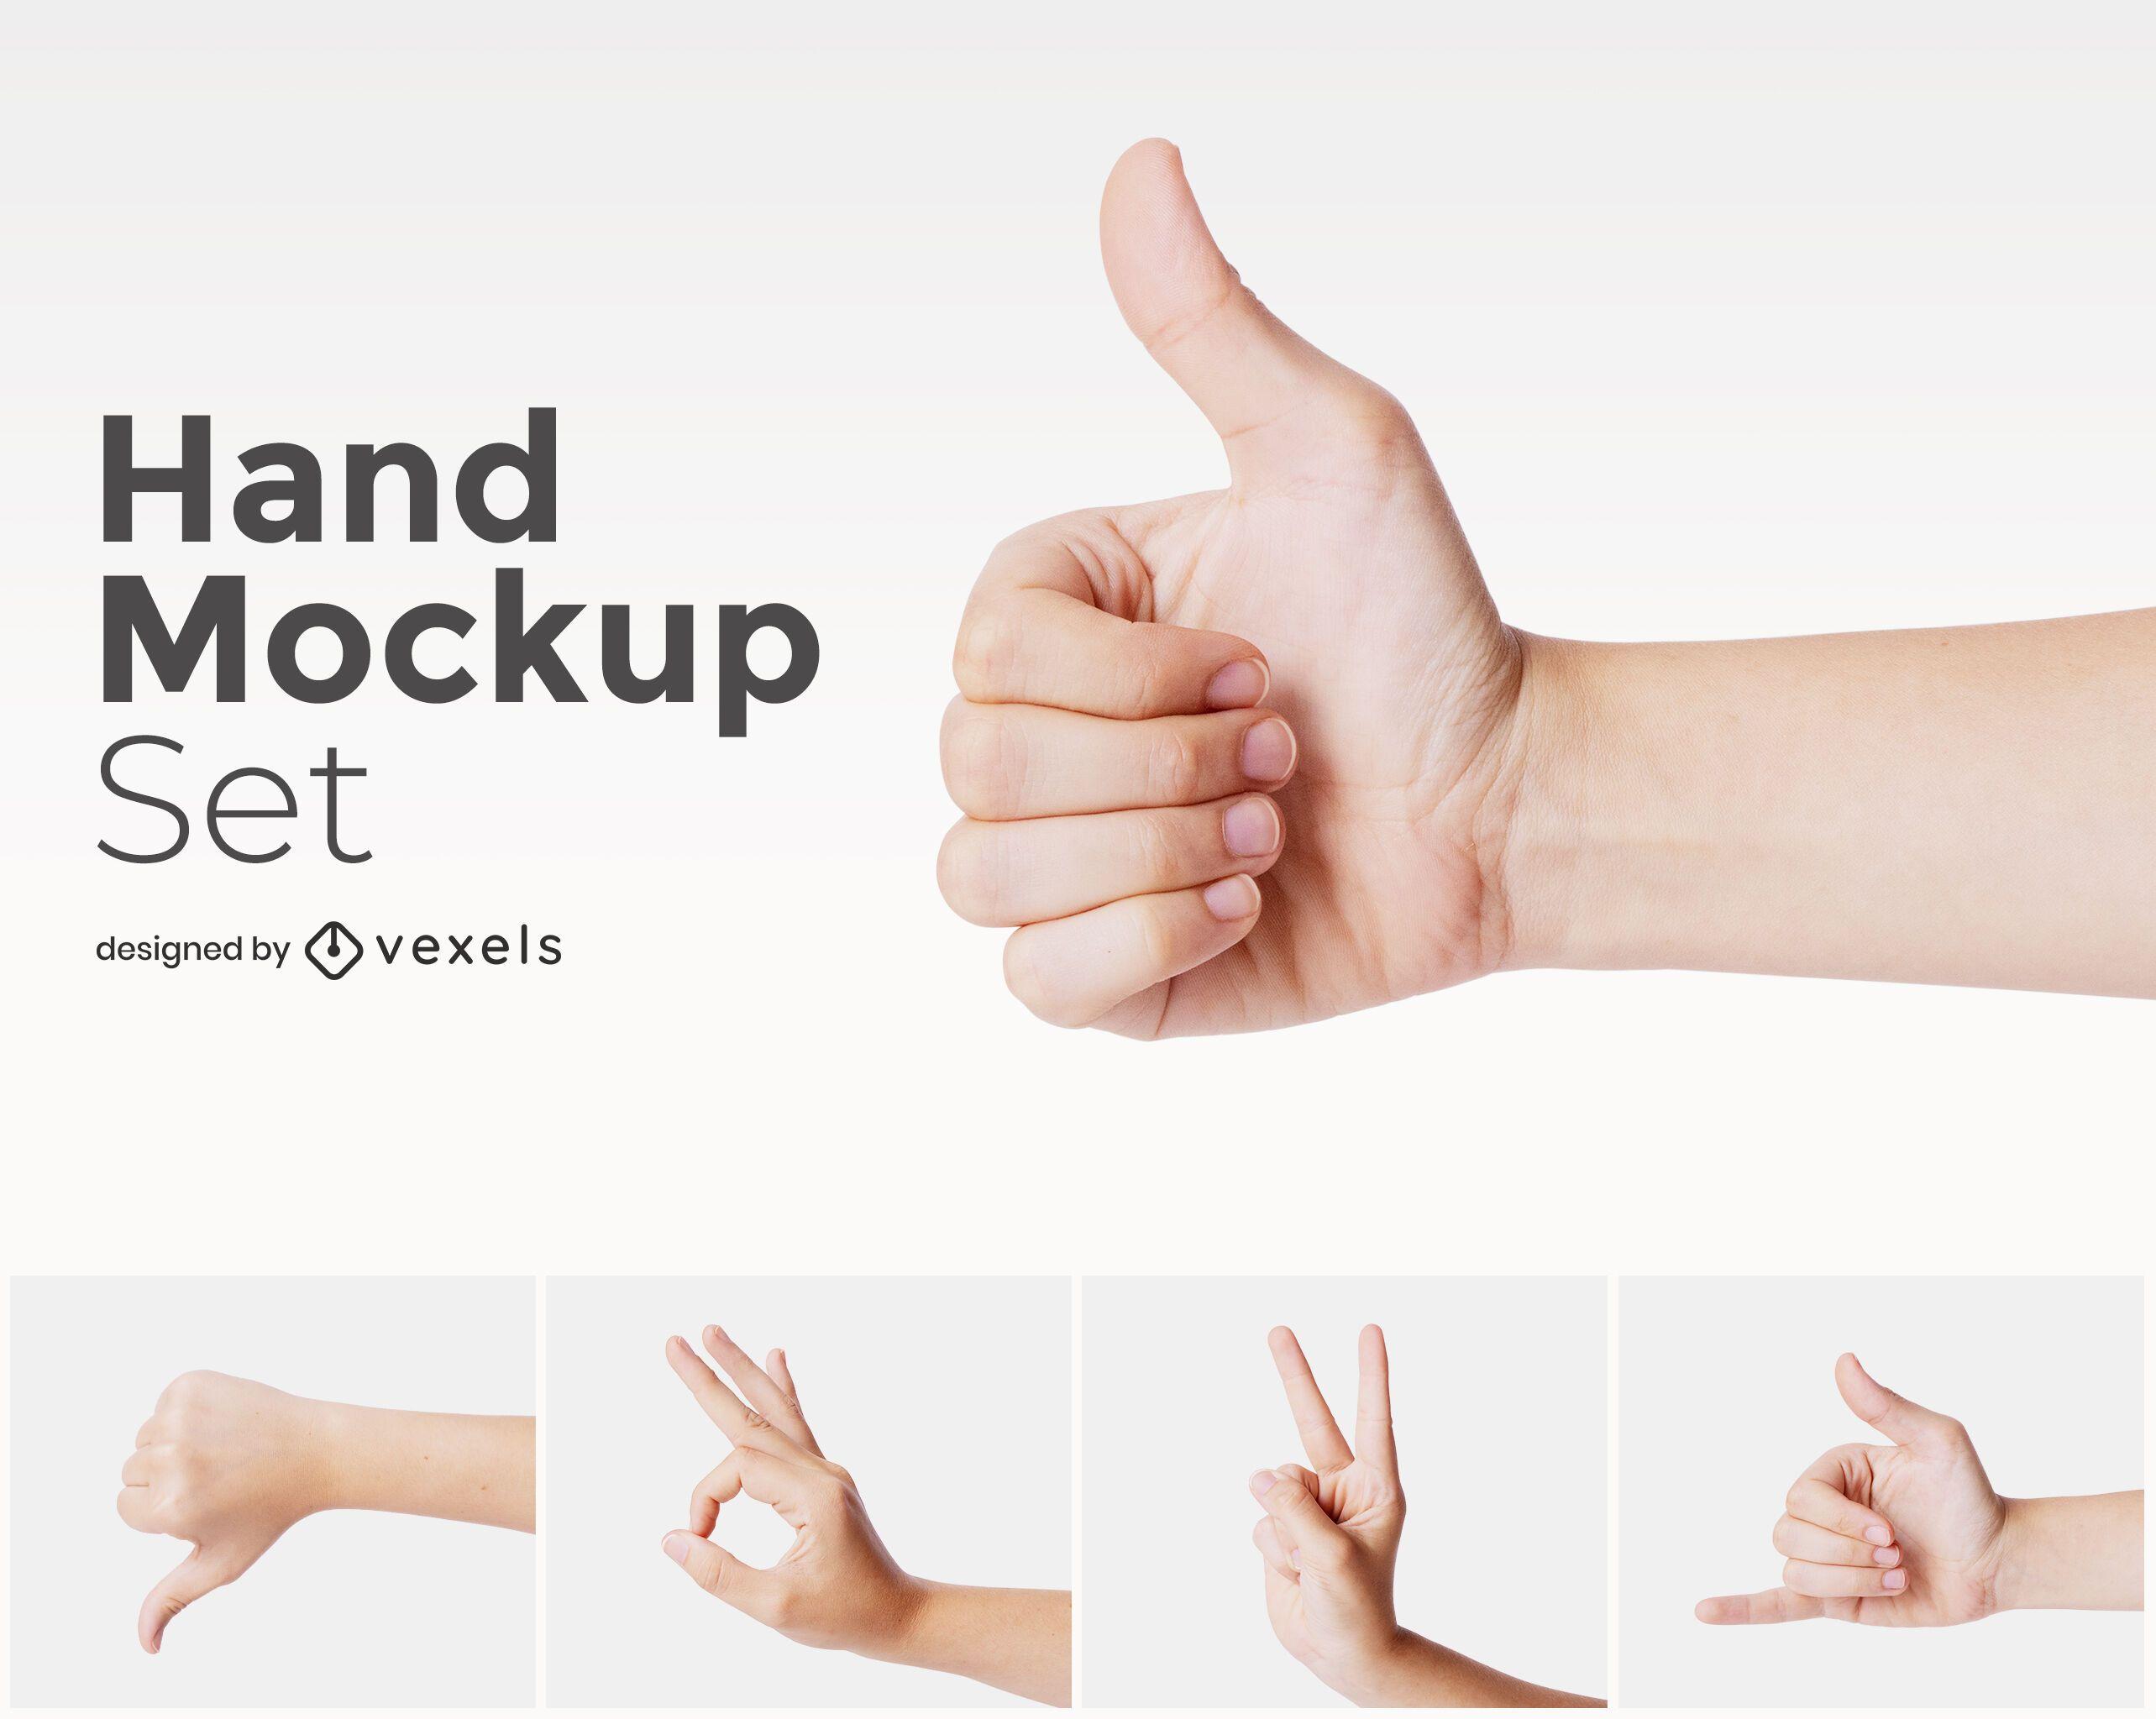 Hands mockup design set